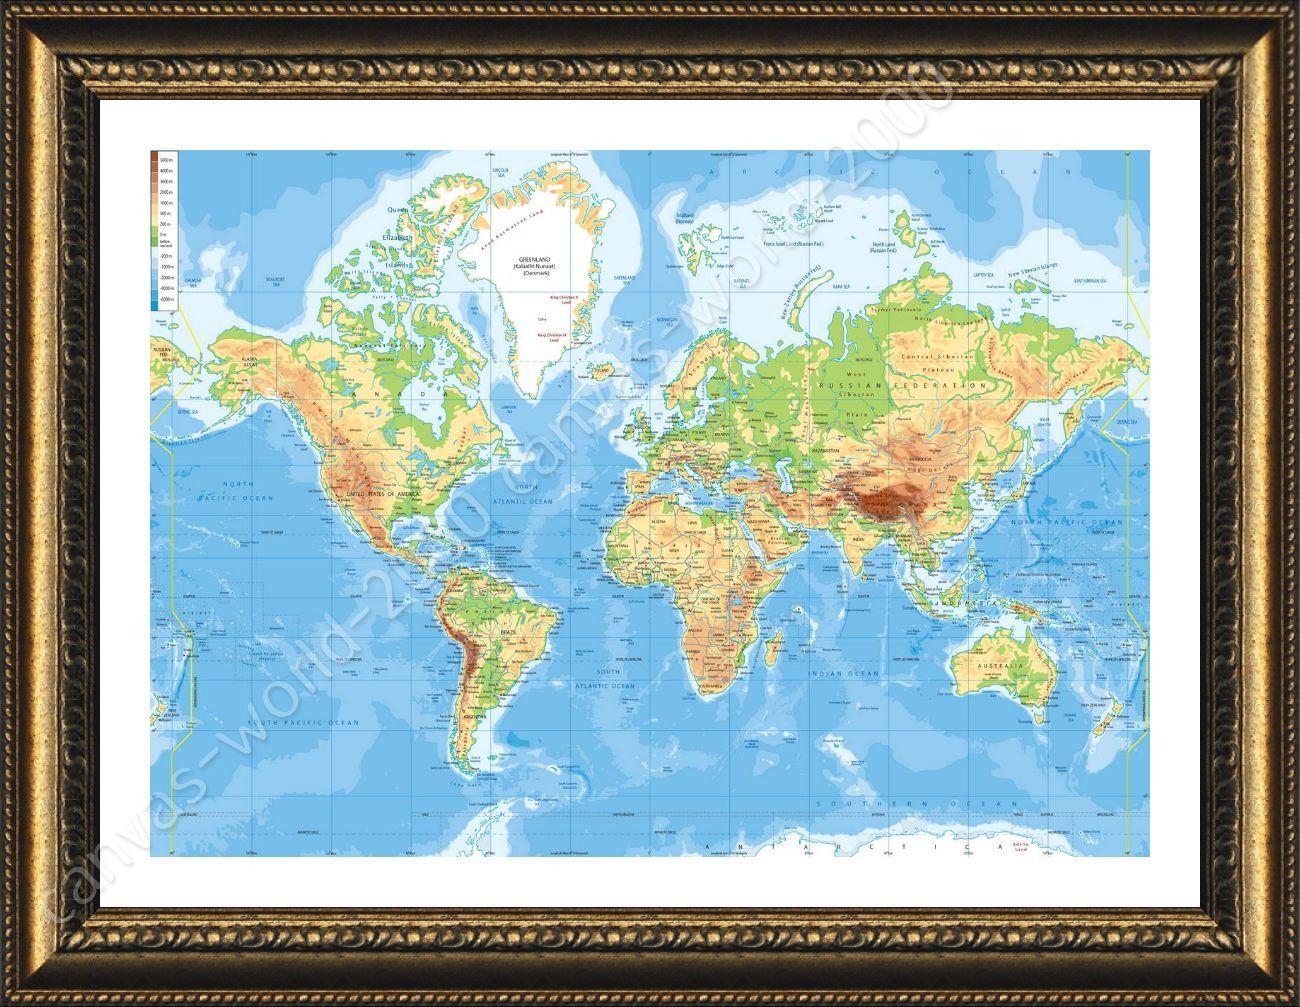 Framed poster physical modern world map framed decor for bedroom framed poster physical modern world map framed decor gumiabroncs Images